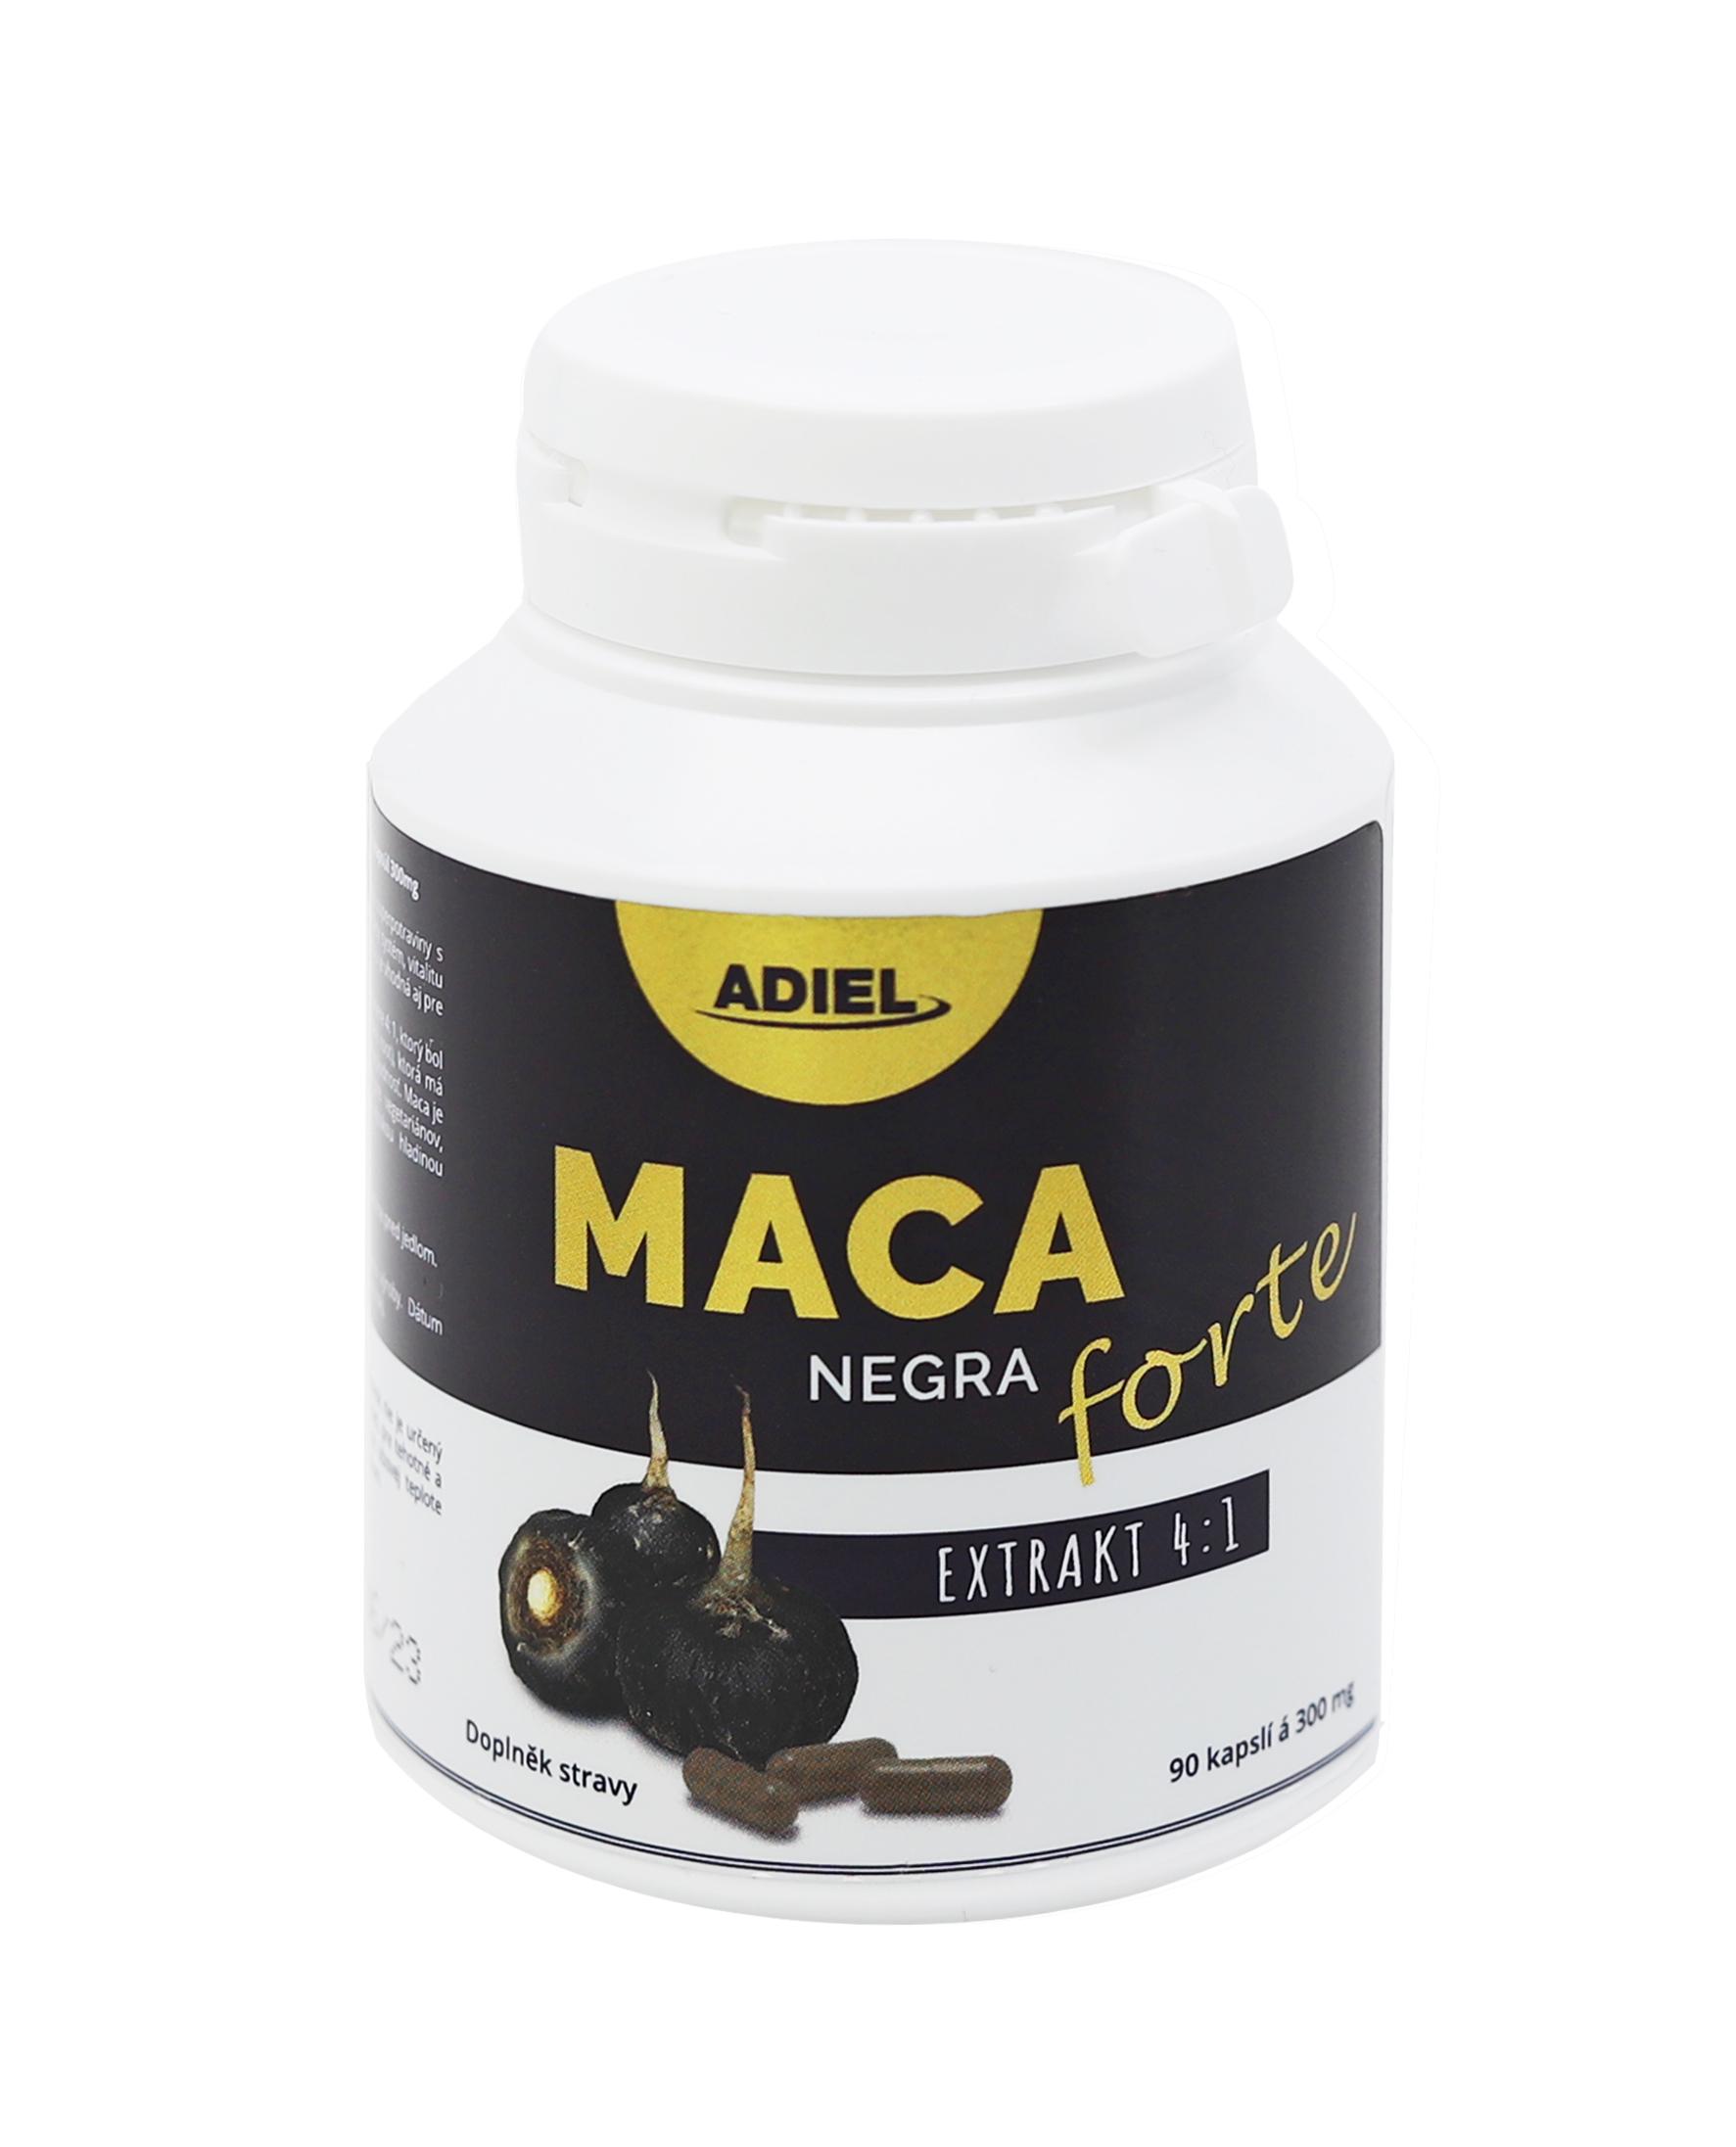 Levně ADIEL Maca negra FORTE 90 kapslí 1 balení: 1x90 kapslí